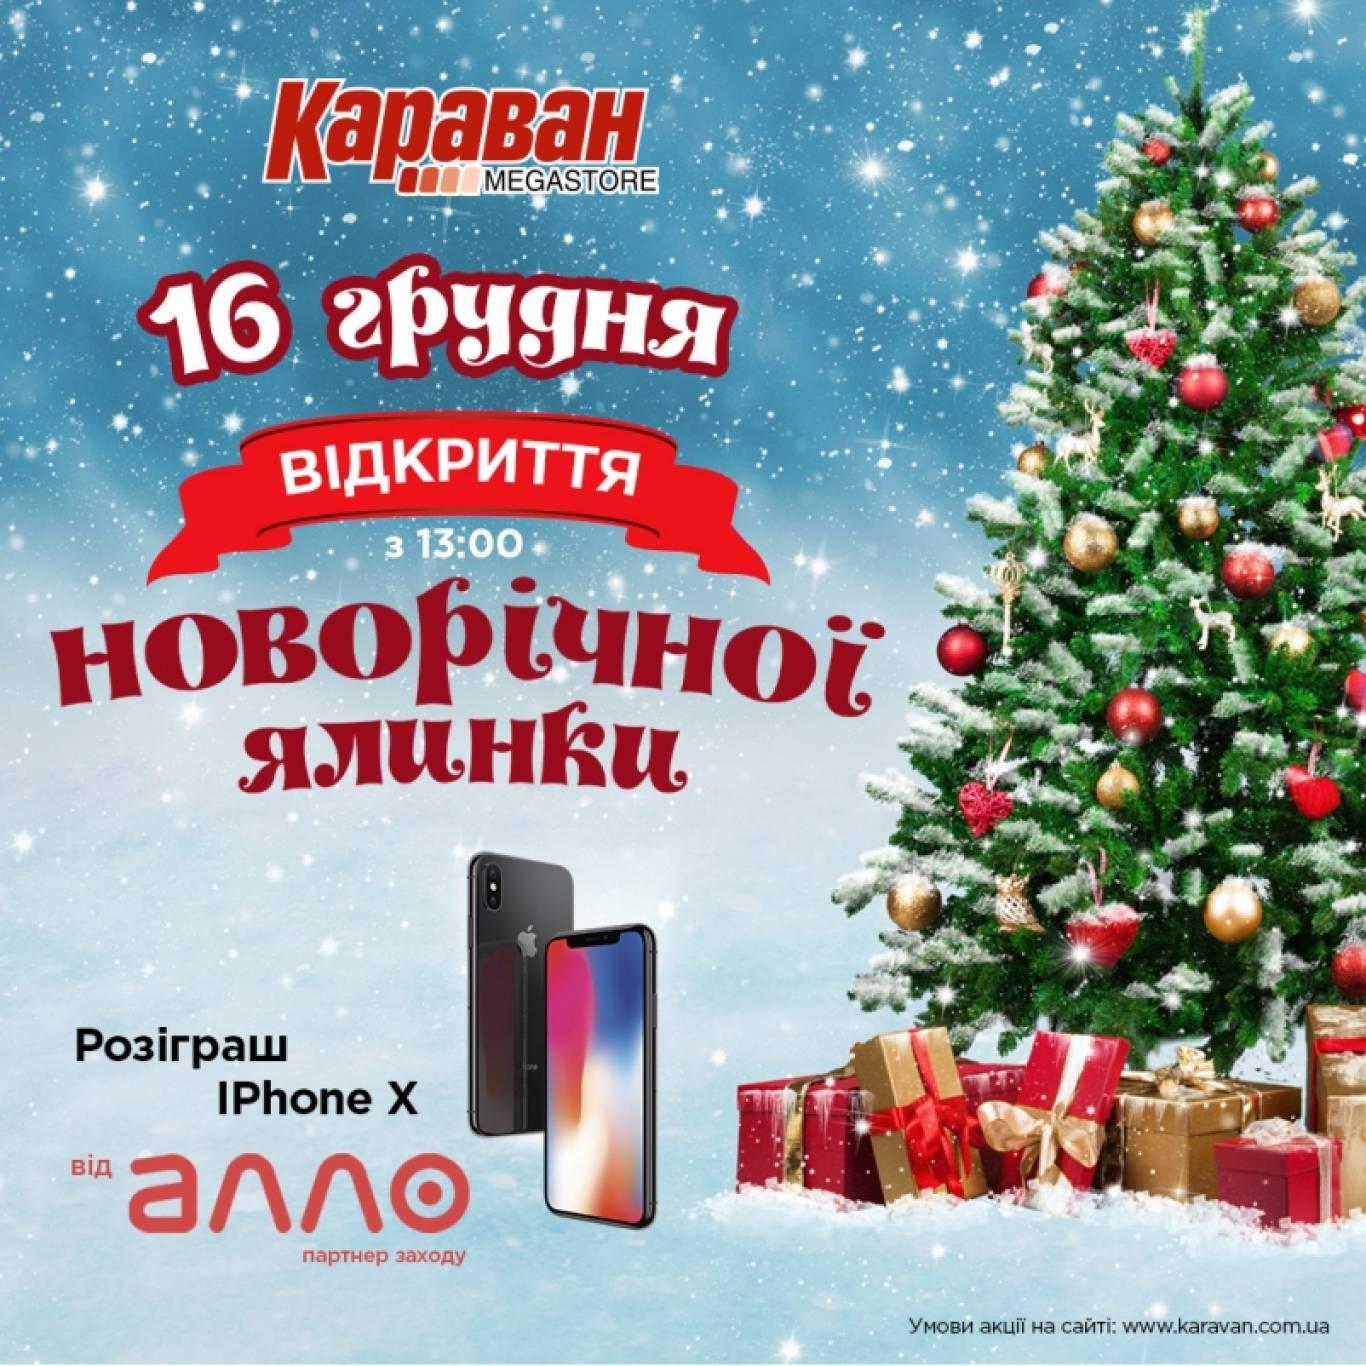 Открытие новогодней ёлки в ТРЦ Караван!